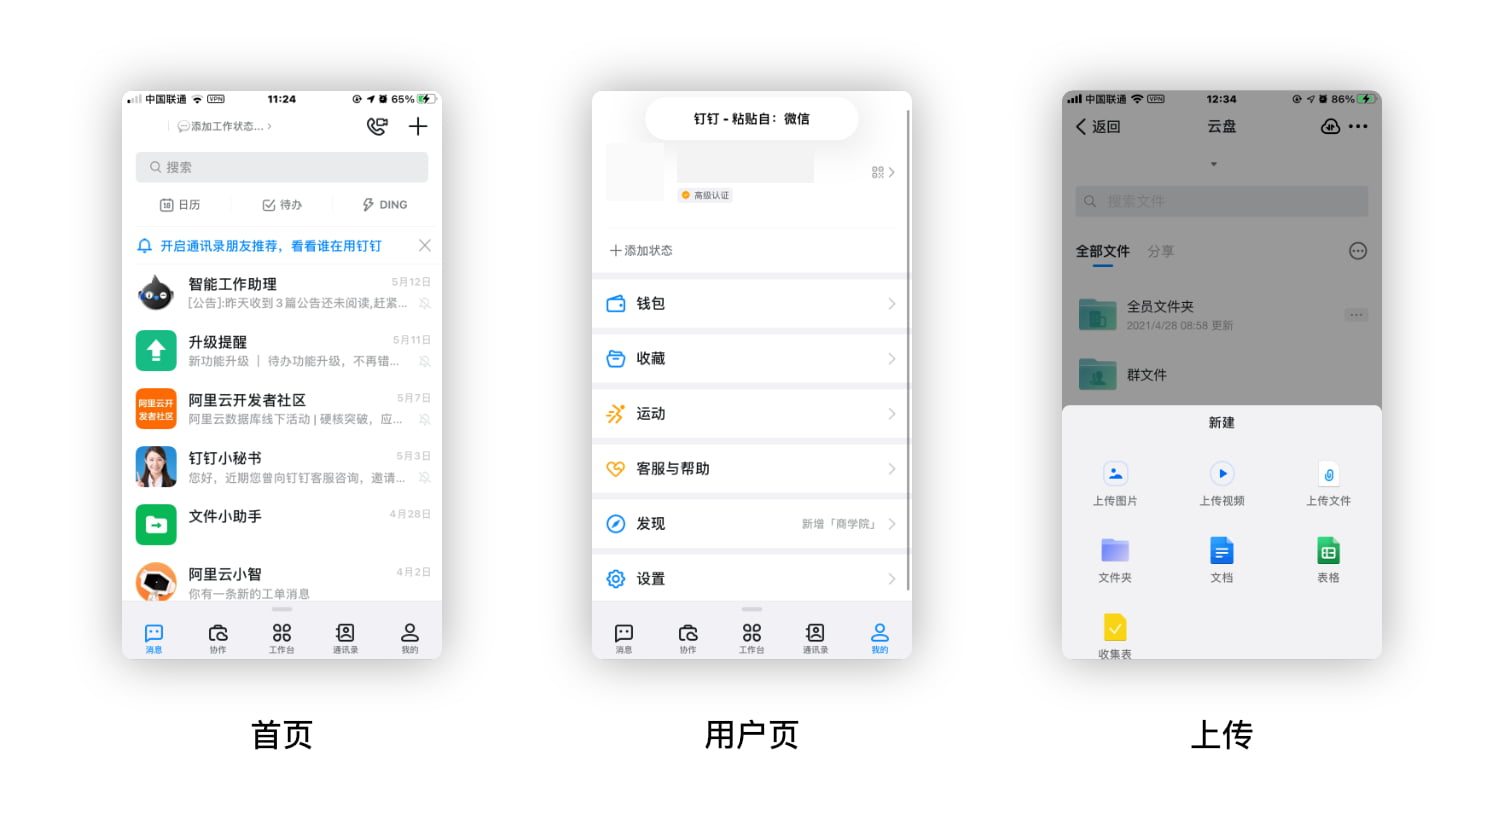 钉钉-App